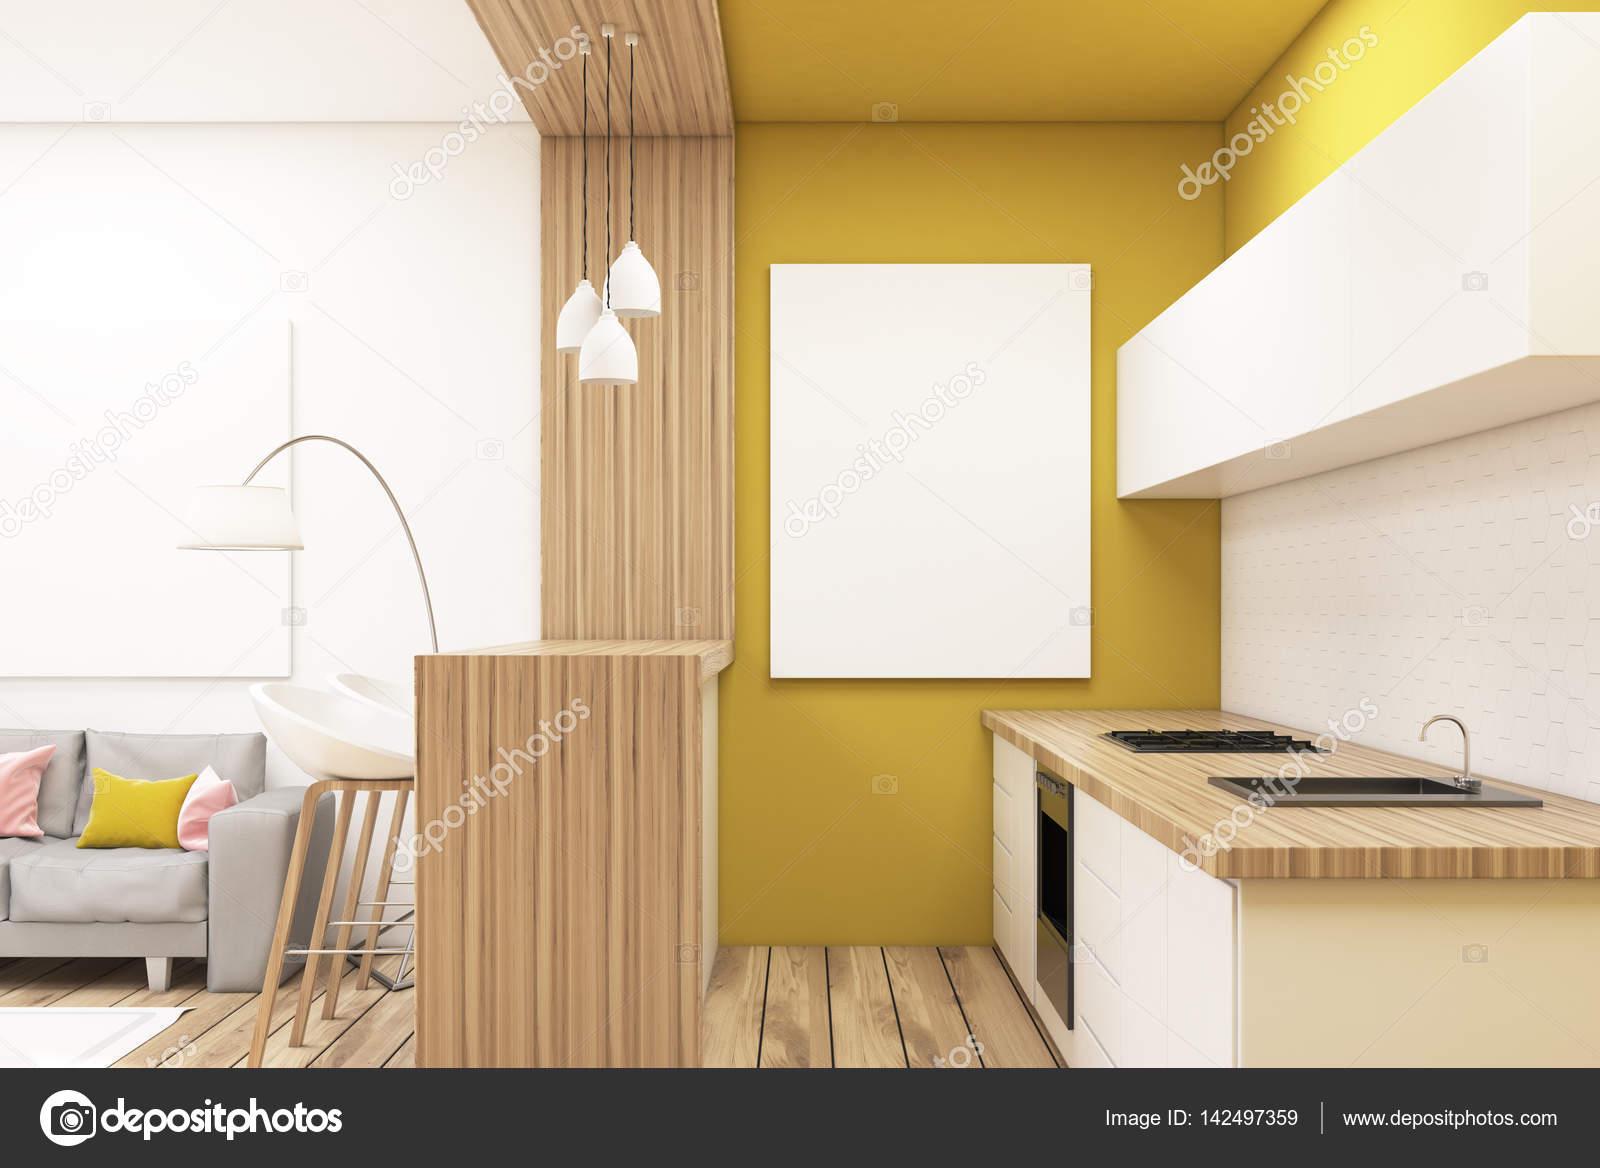 Keuken in een studio appartement poster u stockfoto